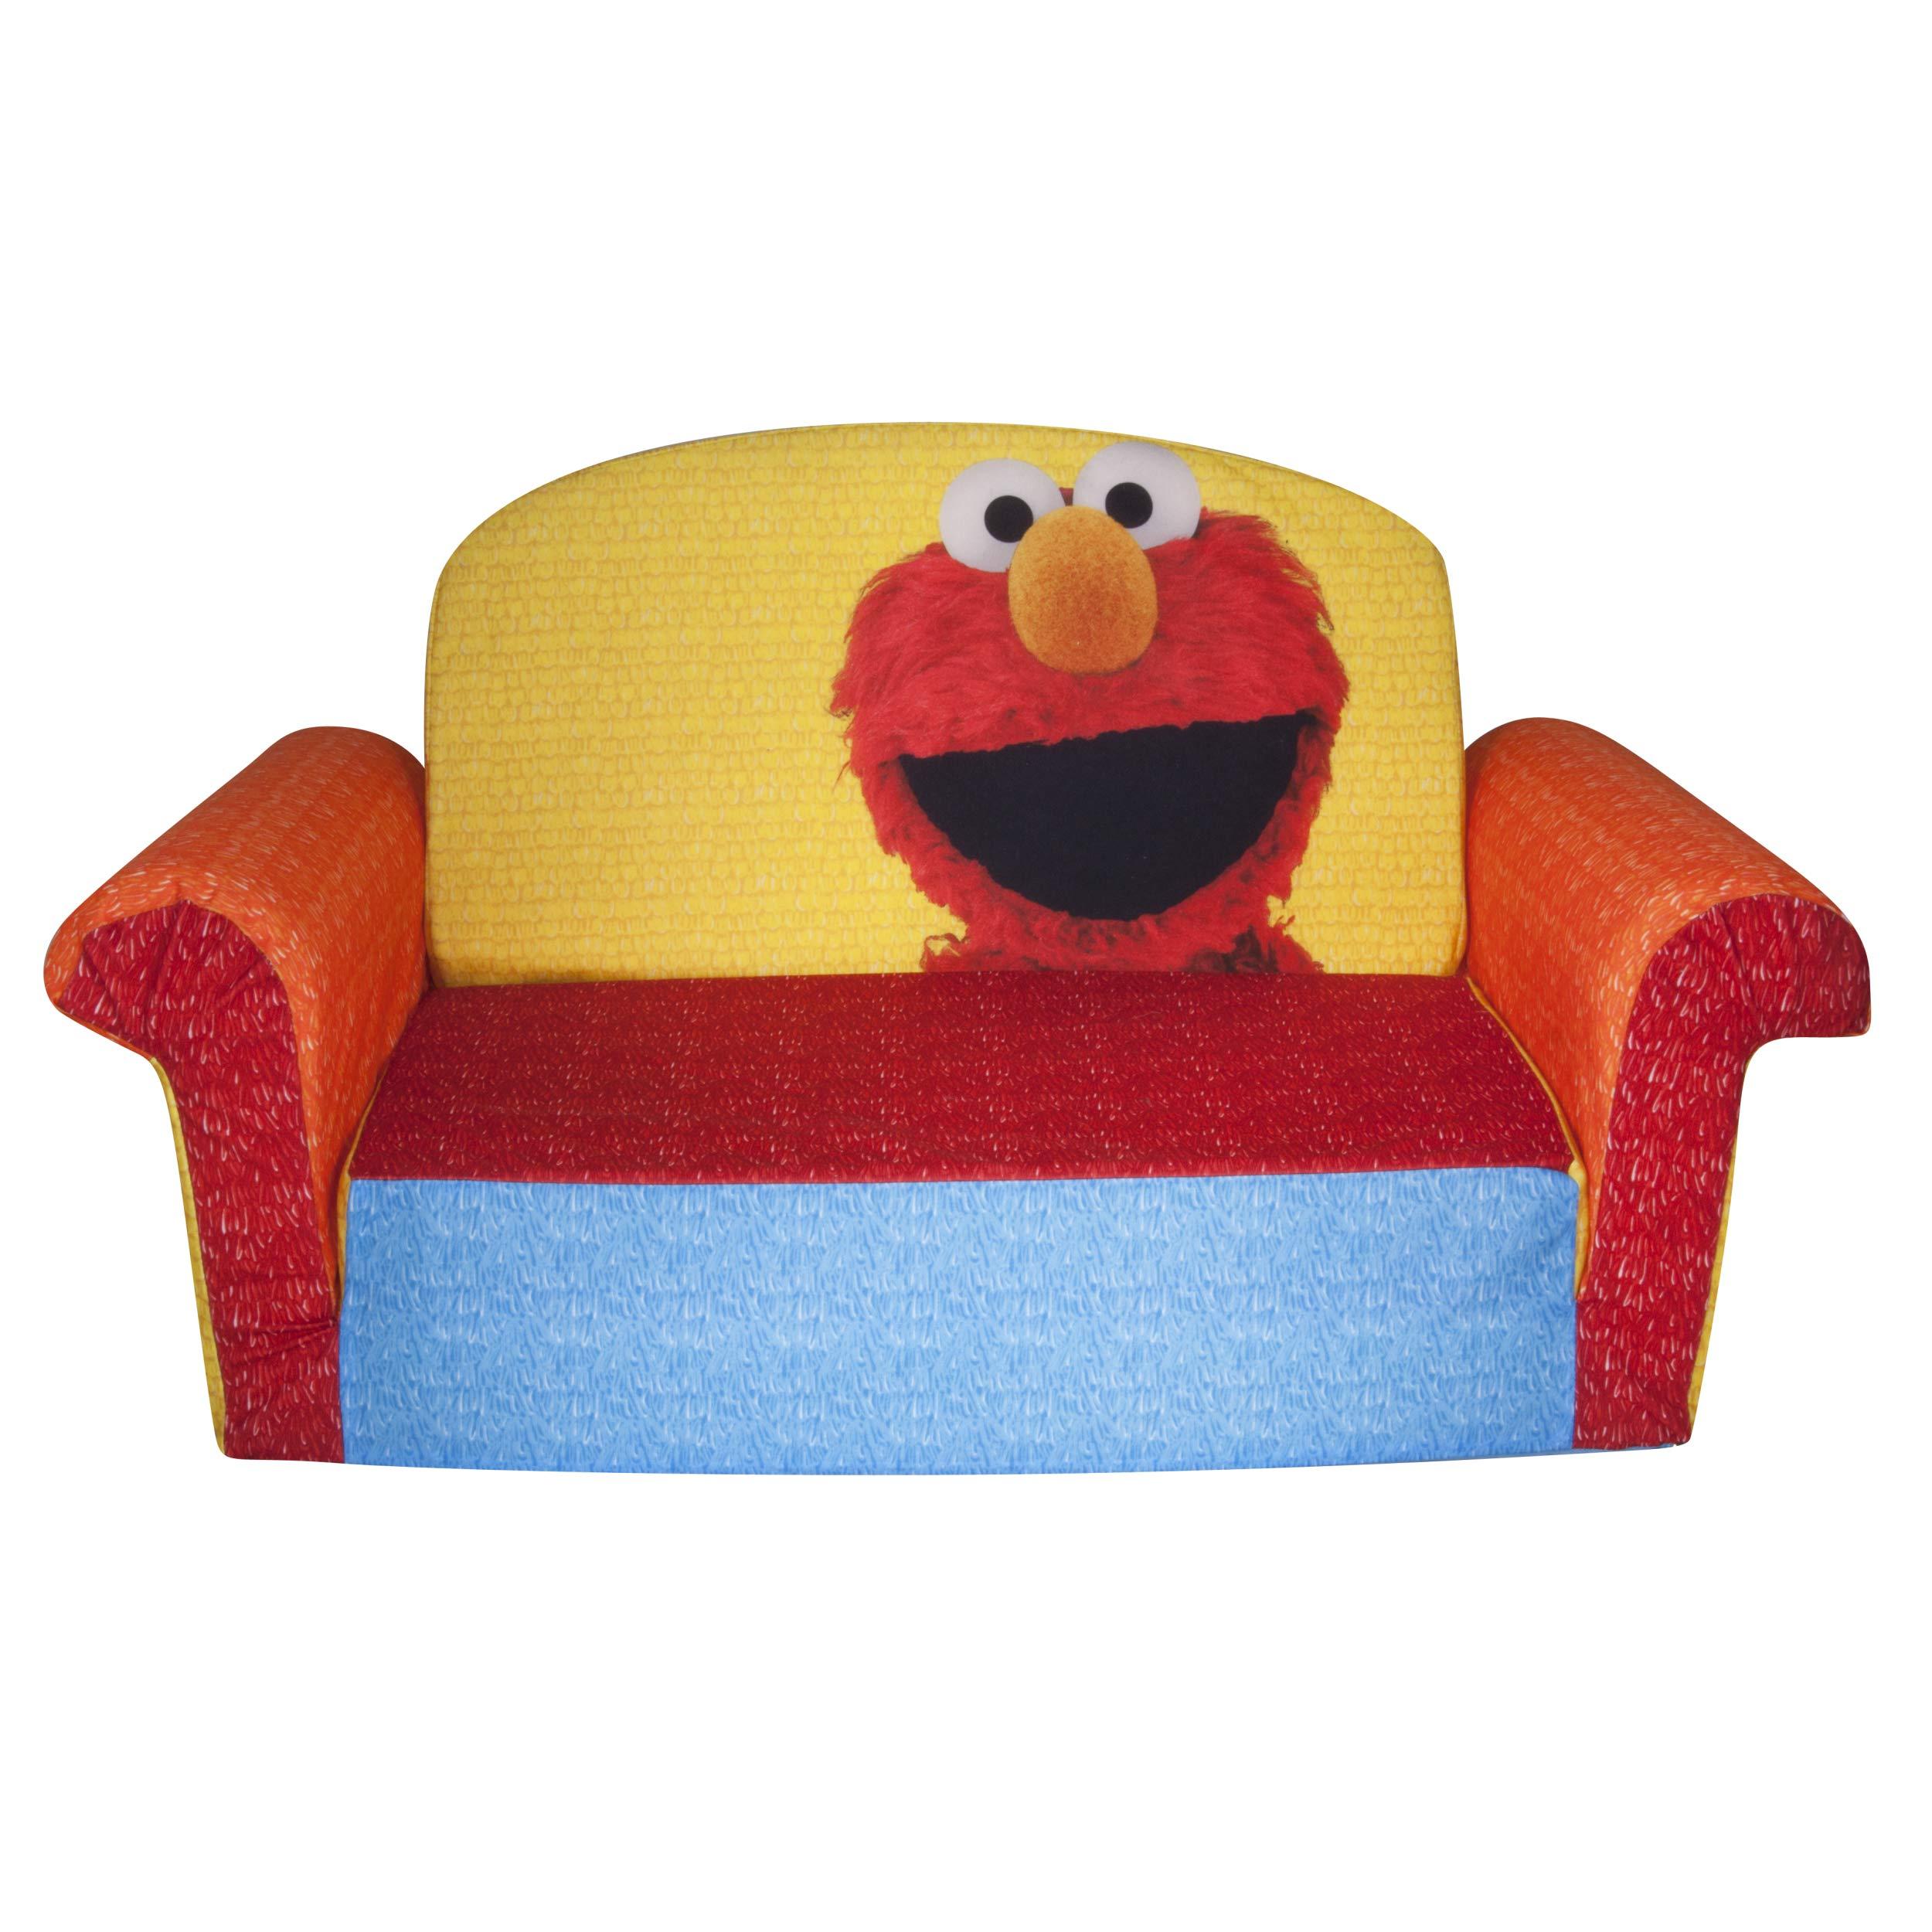 Marshmallow Furniture, Children's 2 in 1 Flip Open Foam Sofa, Sesame Street's Elmo/Sesame, by Spin Master by Marshmallow Furniture